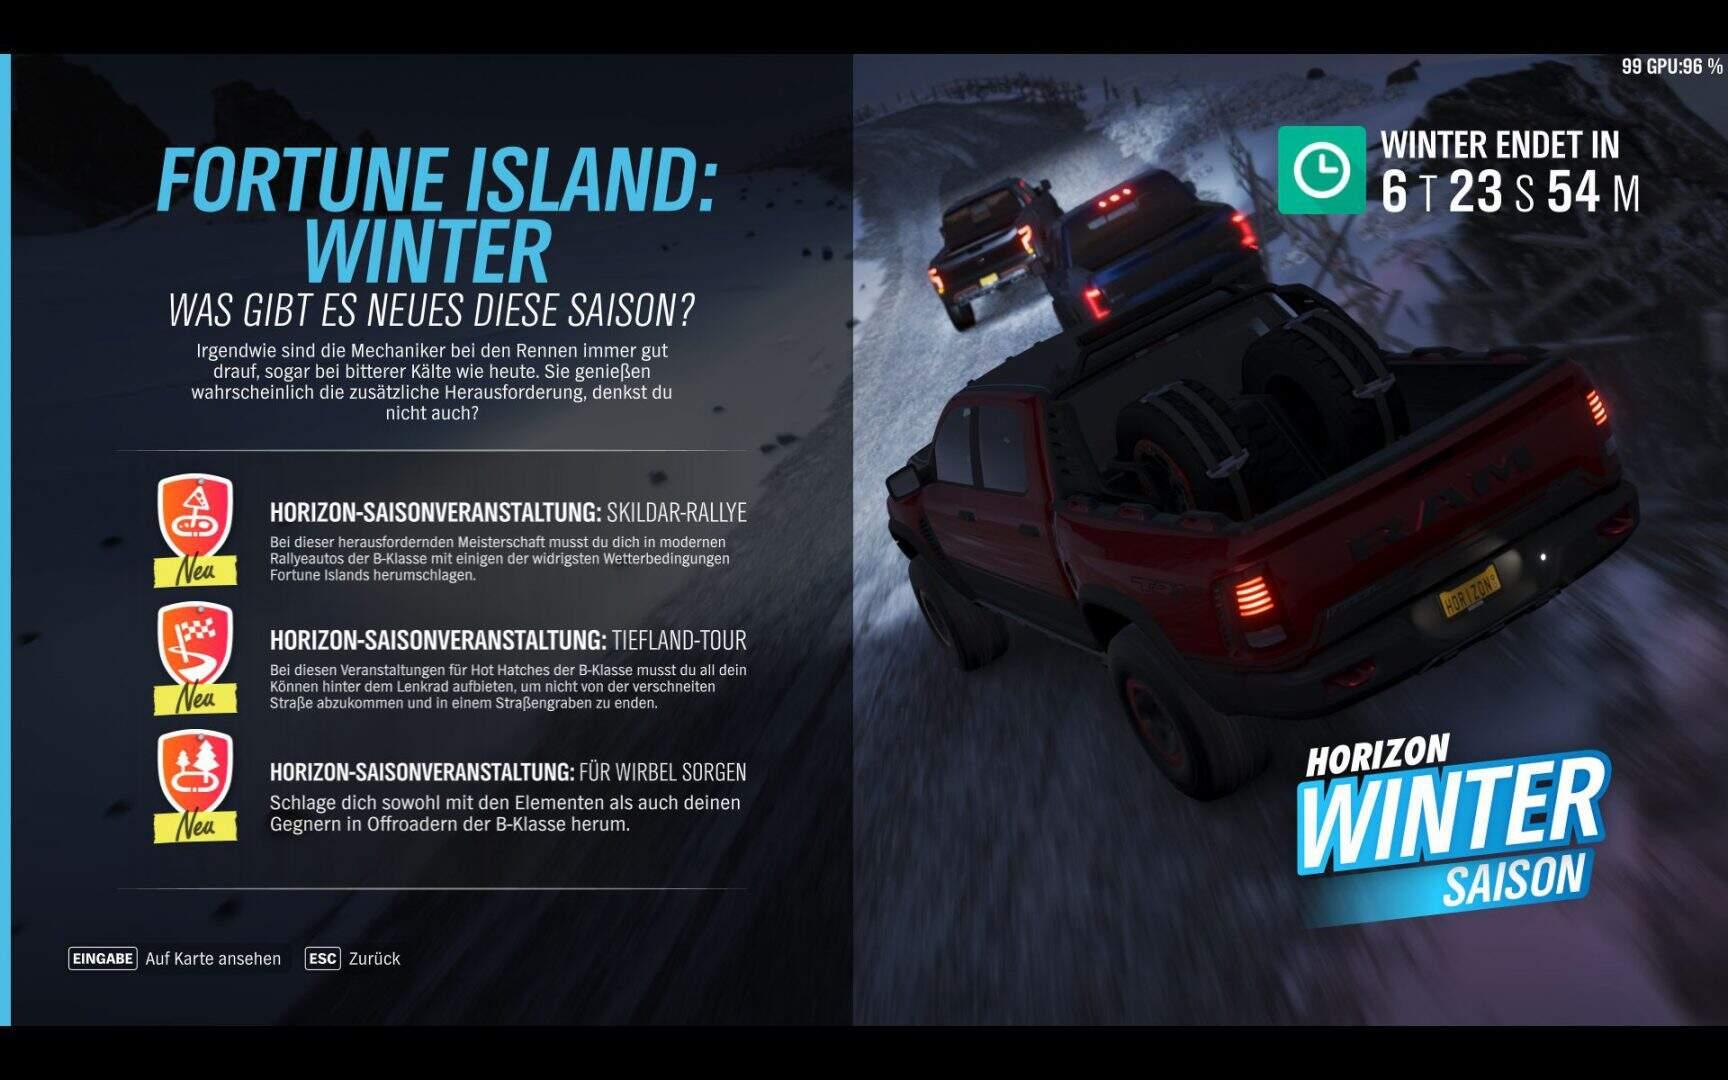 Forza Horizon 4 Aktivitäten Winter KW 09 / 2019 Fortune Island